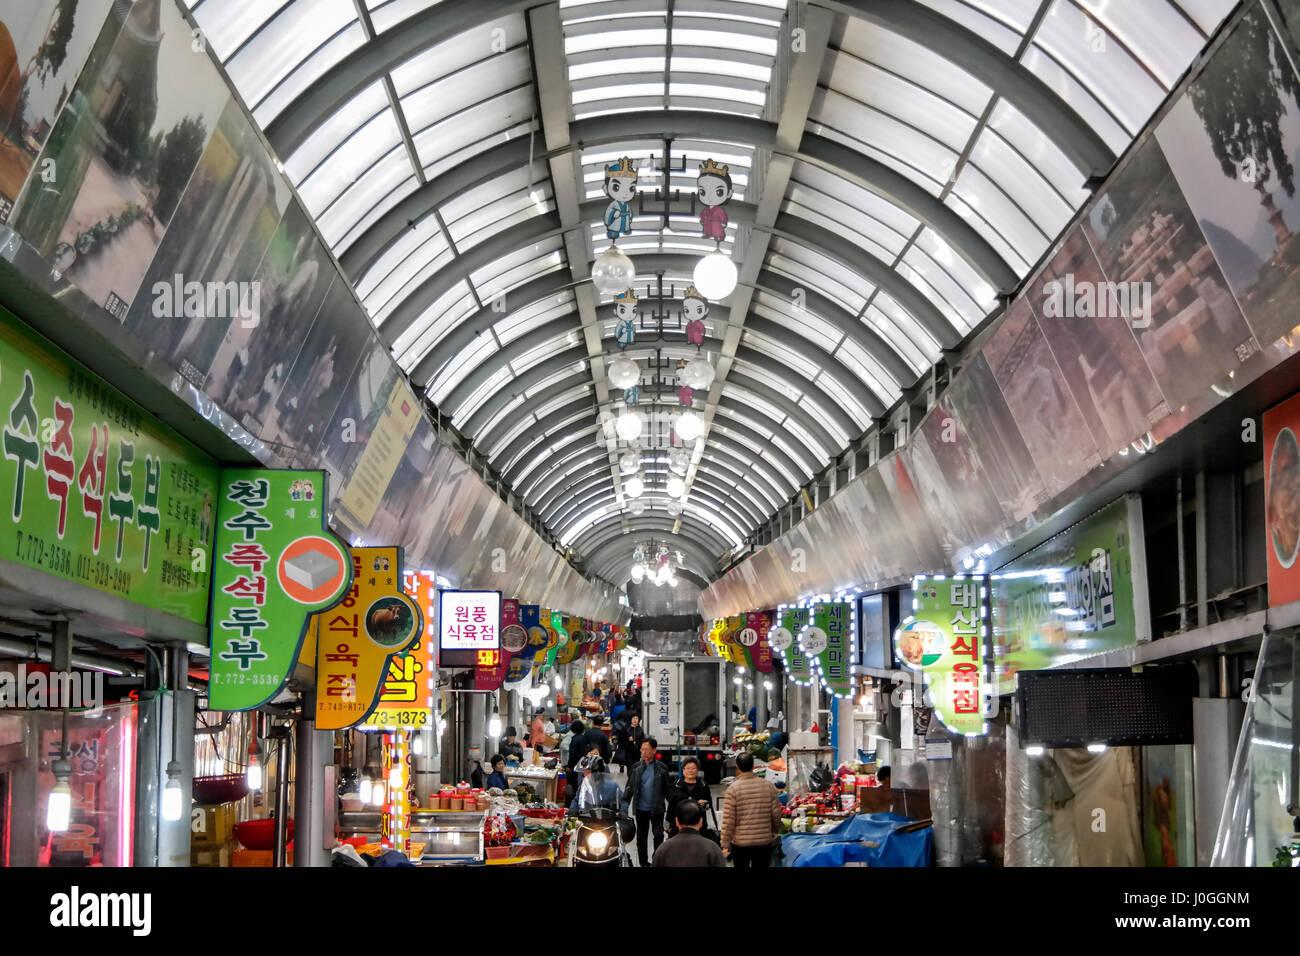 Gyeongju Marktplatz und Stände in Südkorea Stockbild